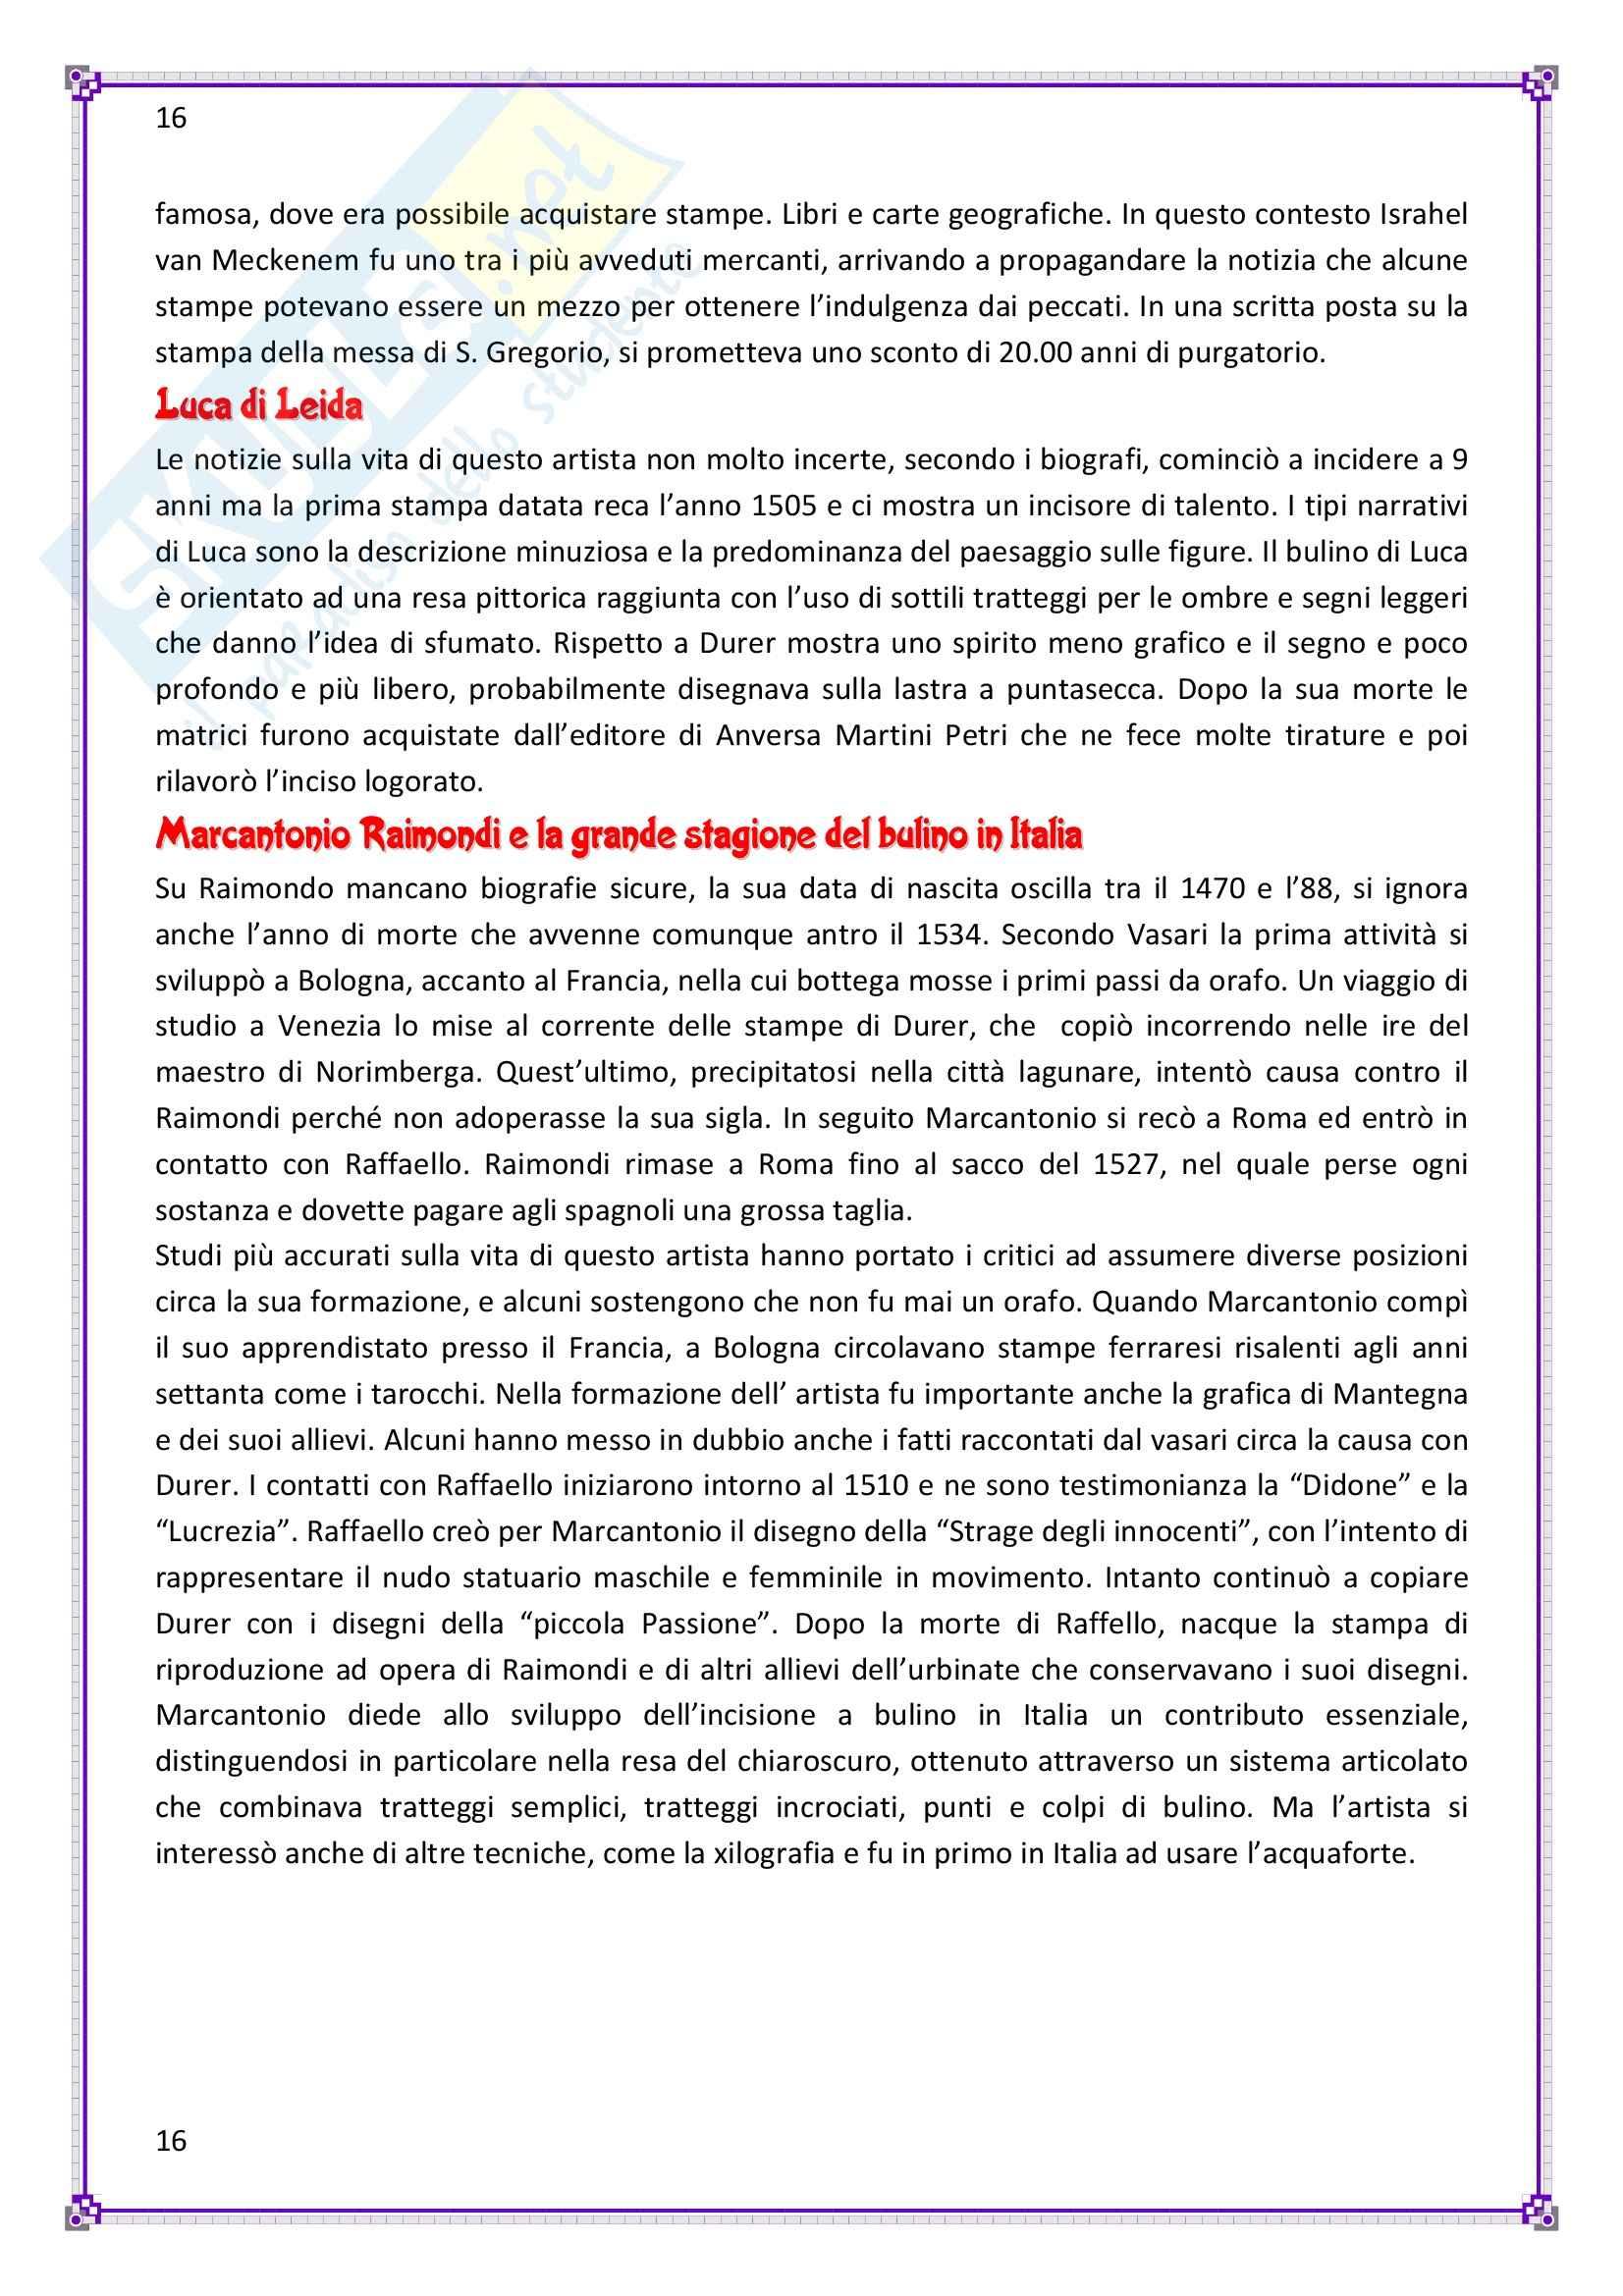 Storia dell'incisione, decorazione e illustrazione del libro - Appunti Pag. 16